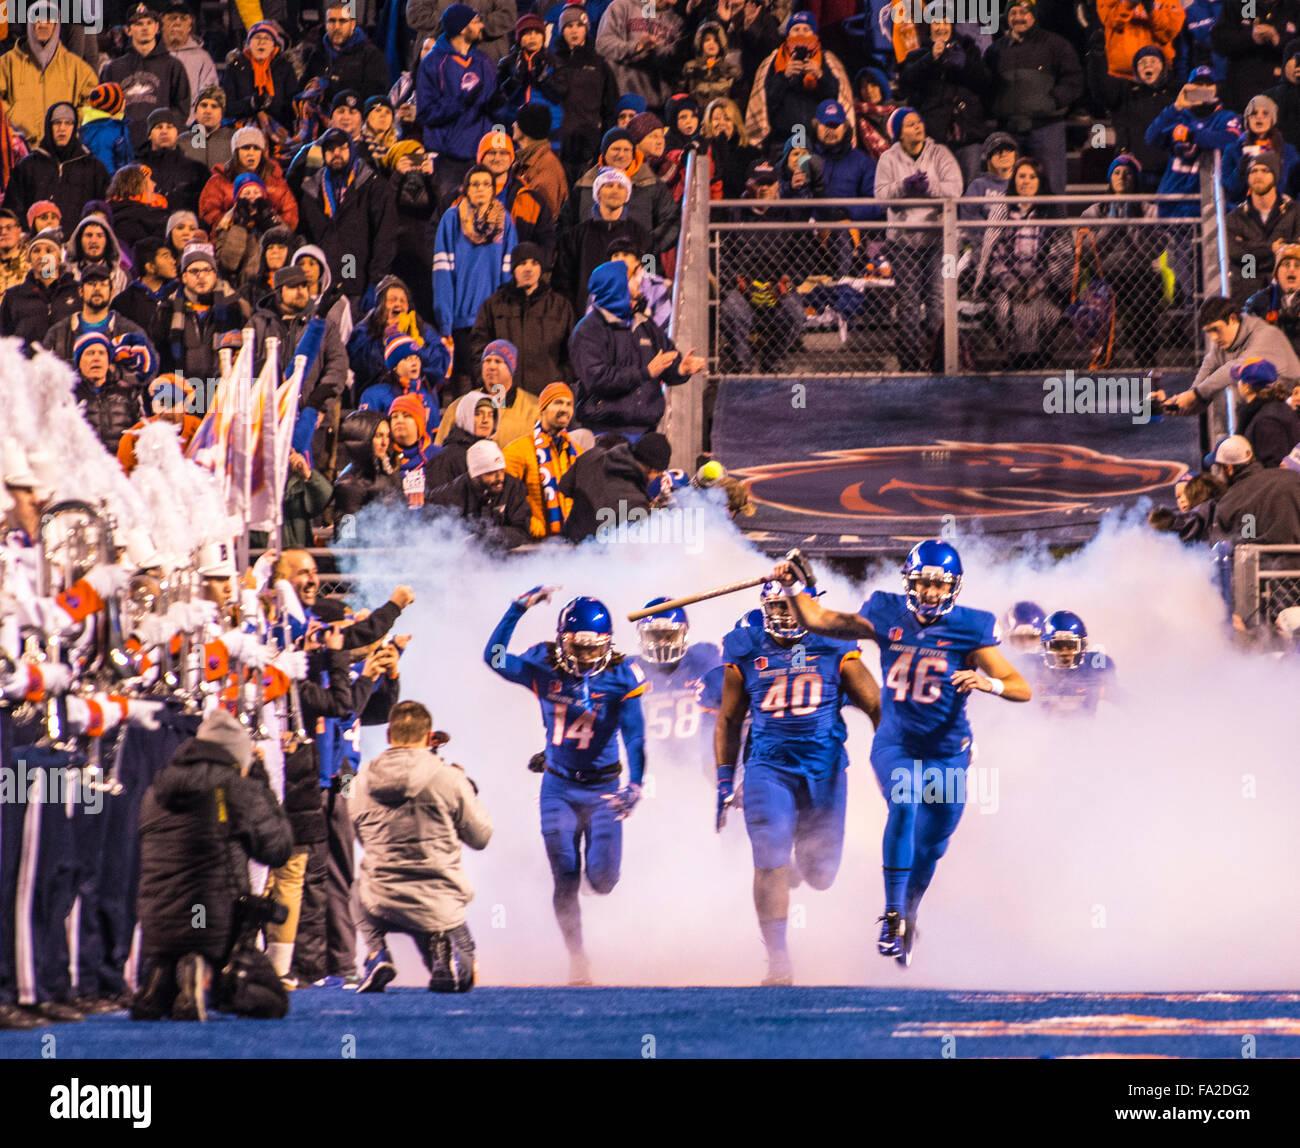 El fútbol, el equipo de fútbol de Boise State entrando en Albertson's Stadium campo azul a través Imagen De Stock